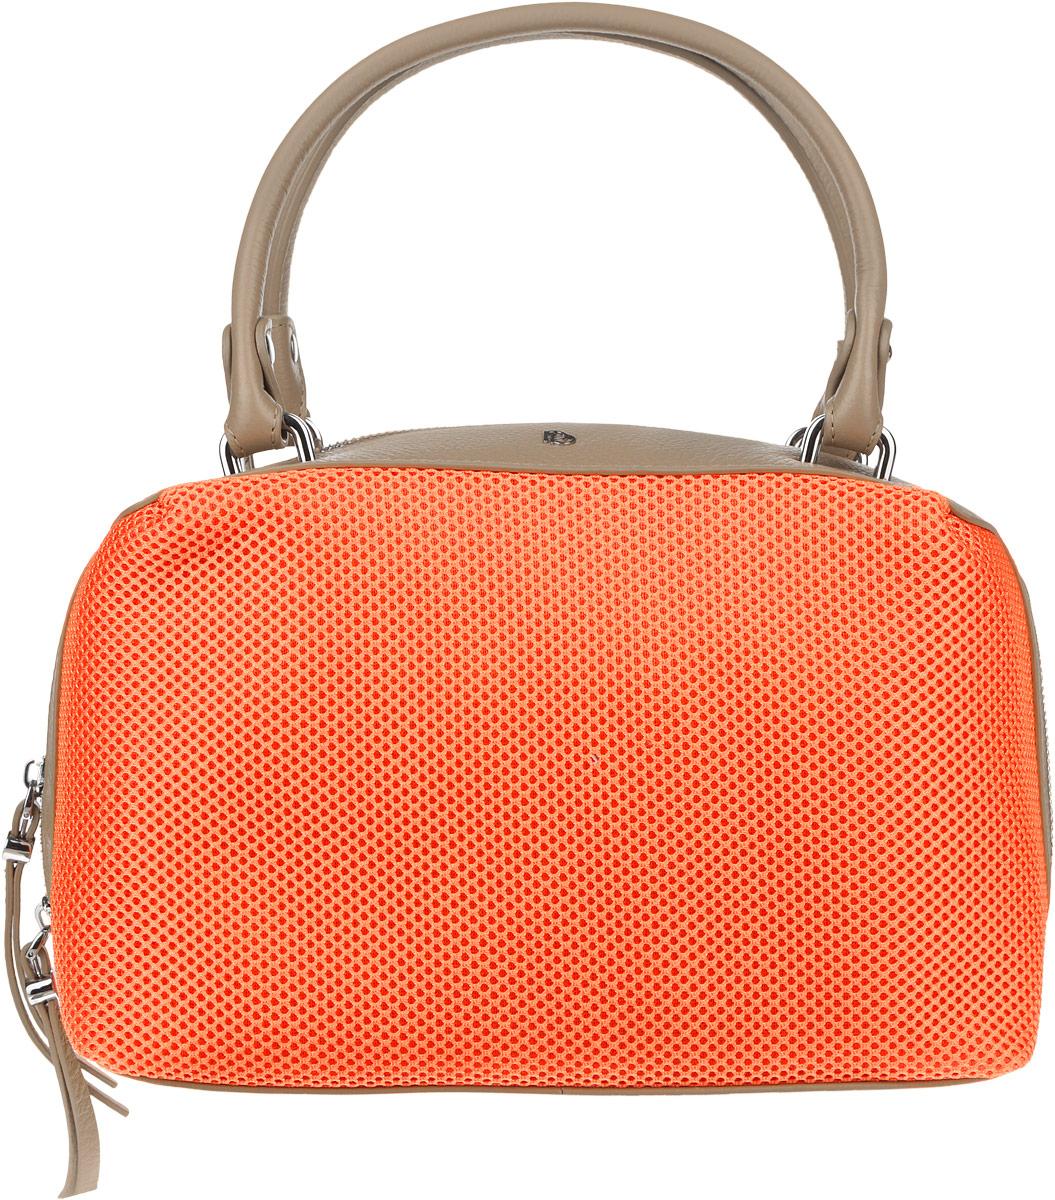 Сумка женская Pimo Betti, цвет: оранжевый, темно-бежевый. 14674B1-W13-47670-00504Оригинальная женская сумка торговой марки Pimo Betti выполнена из натуральной кожи с зернистой фактурой и текстильных вставок с перфорированной поверхностью. Модель закрывается на металлическую застежку-молнию.Сумка состоит из одного отделения, содержит два нашивных кармана для мелочей и мобильного телефона и врезной карман на пластиковой молнии. На задней стенке предусмотрен небольшой прорезной карман на молнии. Изделие оснащено удобными ручками. Дно сумки дополнено металлическими ножками, которые защищают изделие от повреждений. Сумка декорирована металлическими элементами с символикой логотипа бренда.Прилагается фирменный текстильный чехол для хранения.Оригинальный аксессуар позволит вам завершить образ и всегда быть в центре внимания.